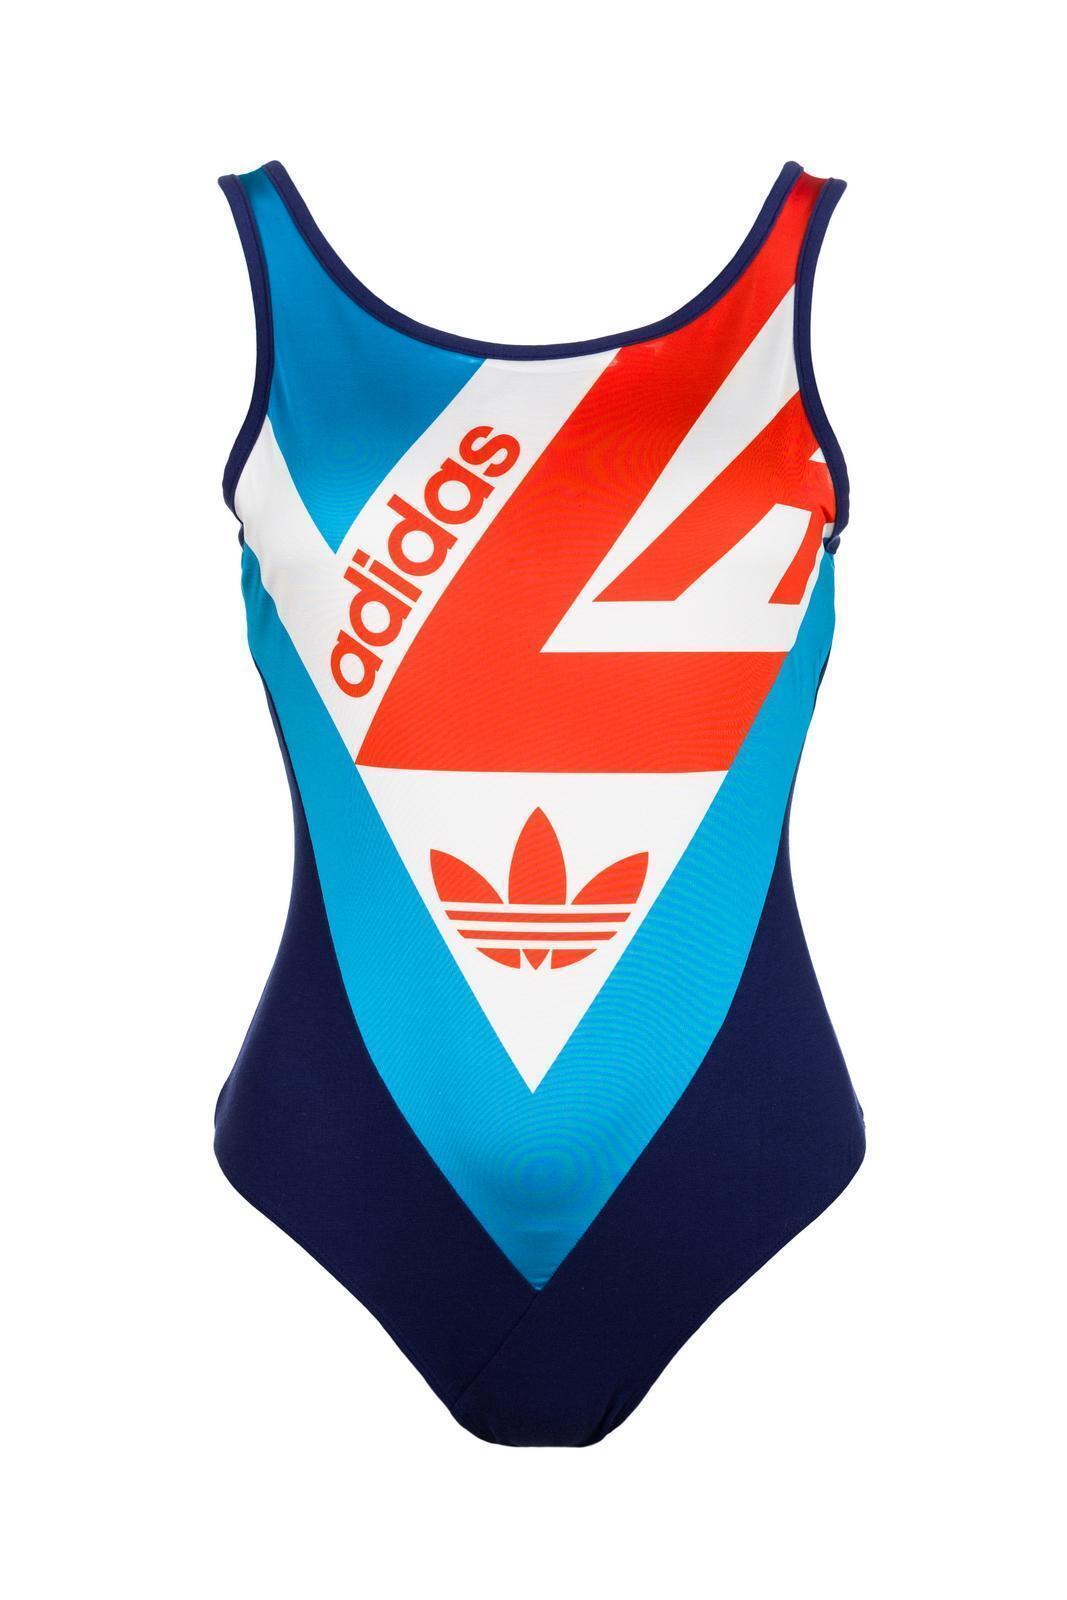 Adidas Originals női archívum testnegyed Mérete Közepes INGYENES ALKALMAZÁS AB2579